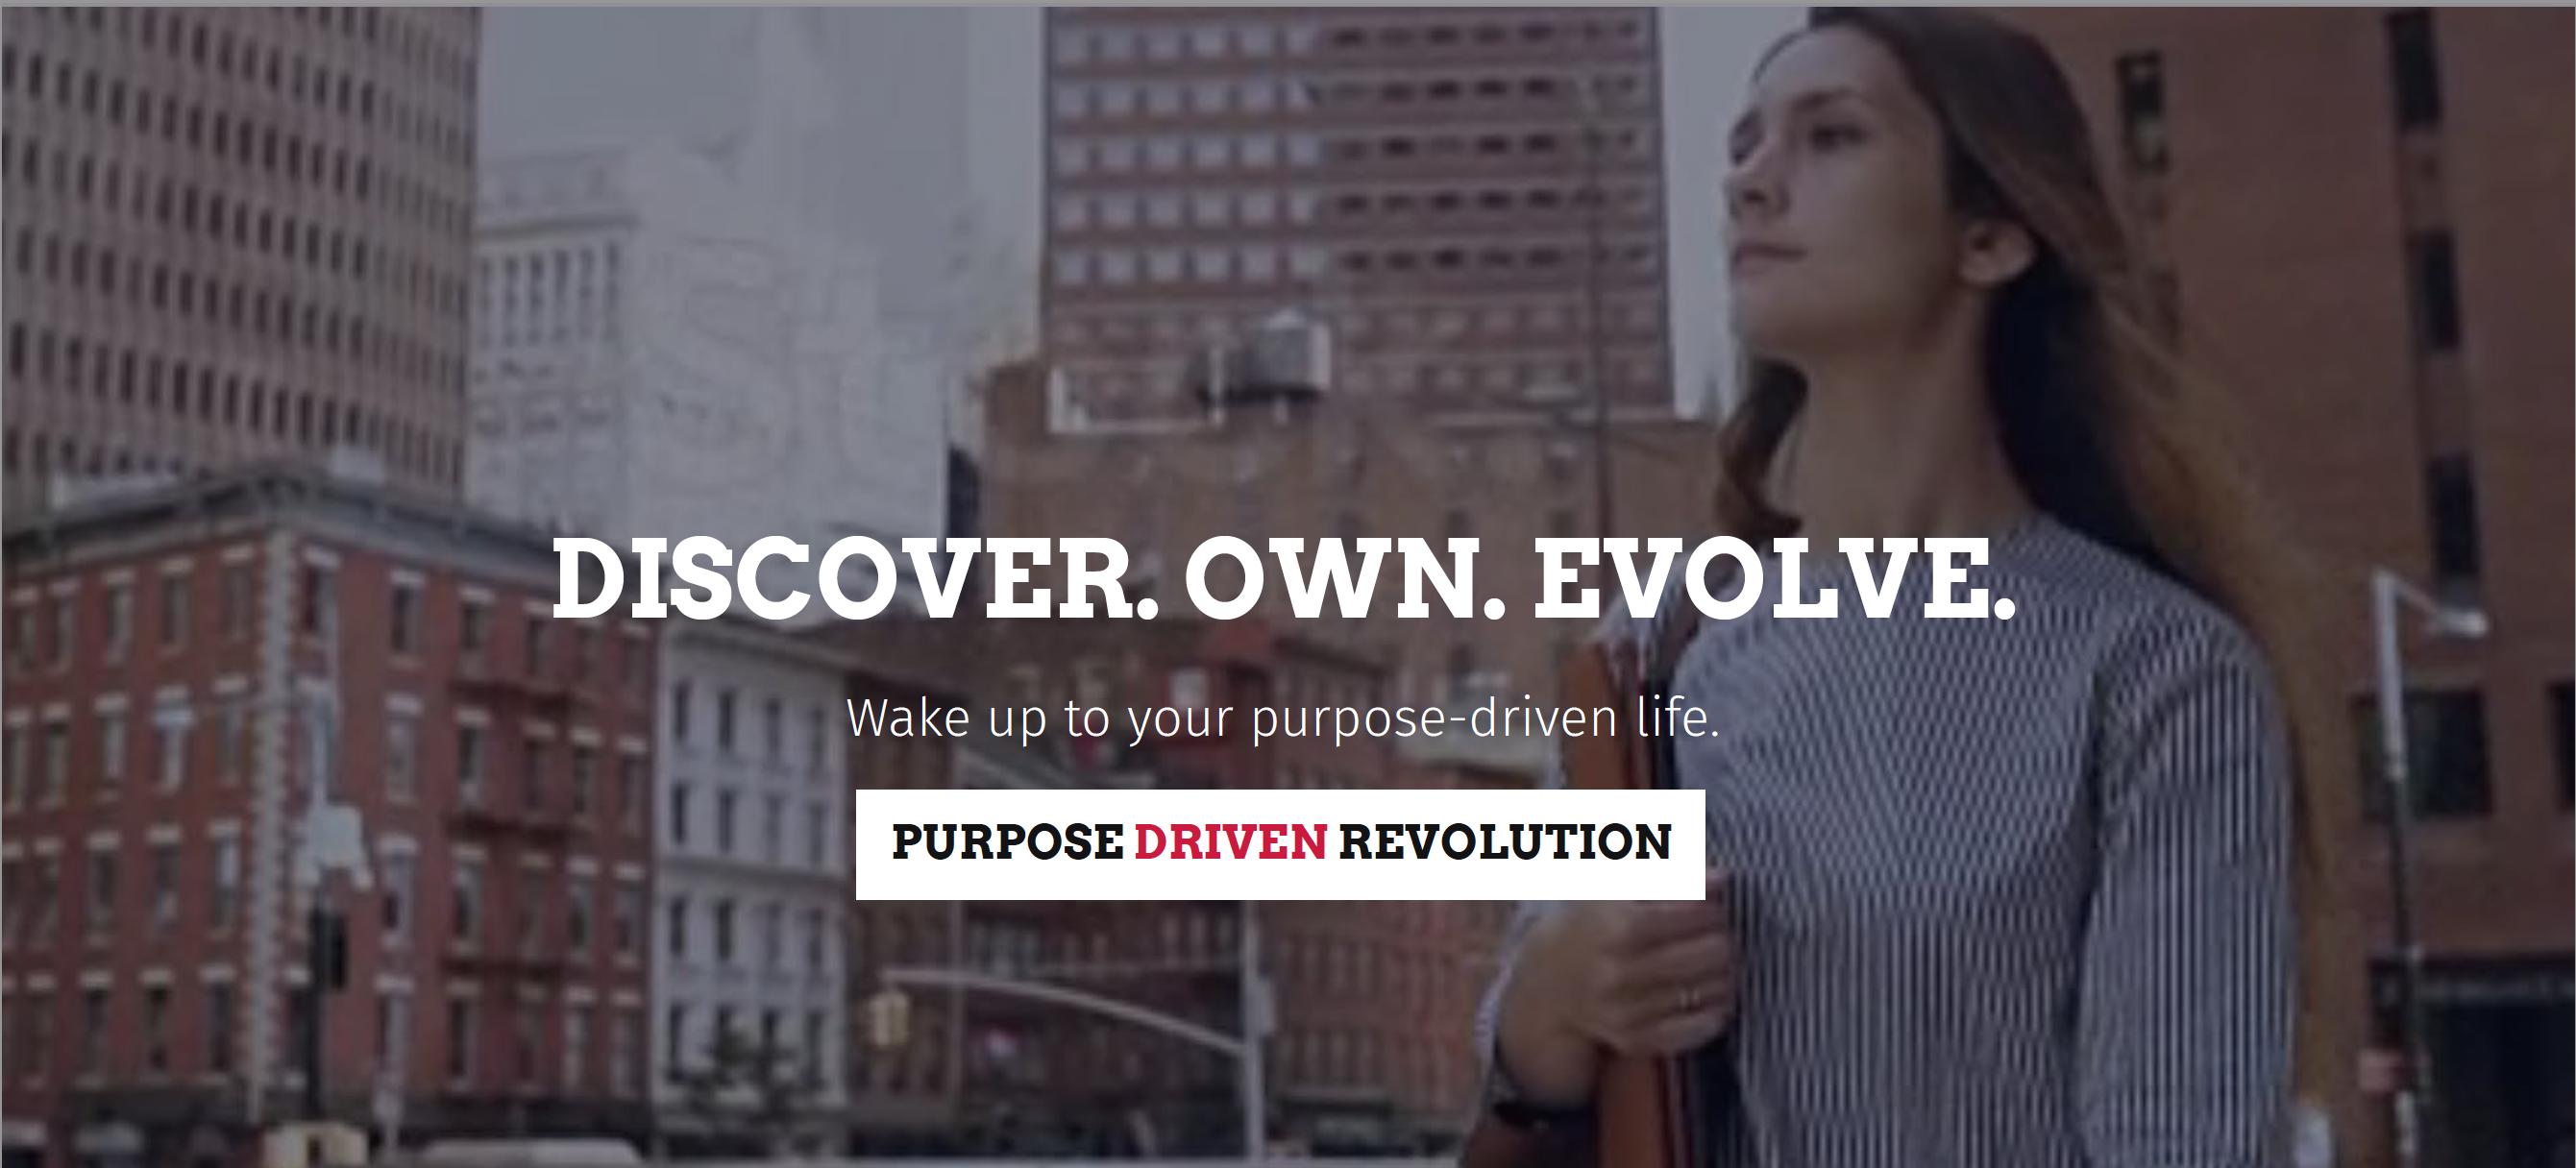 Purpose Driven Revolution